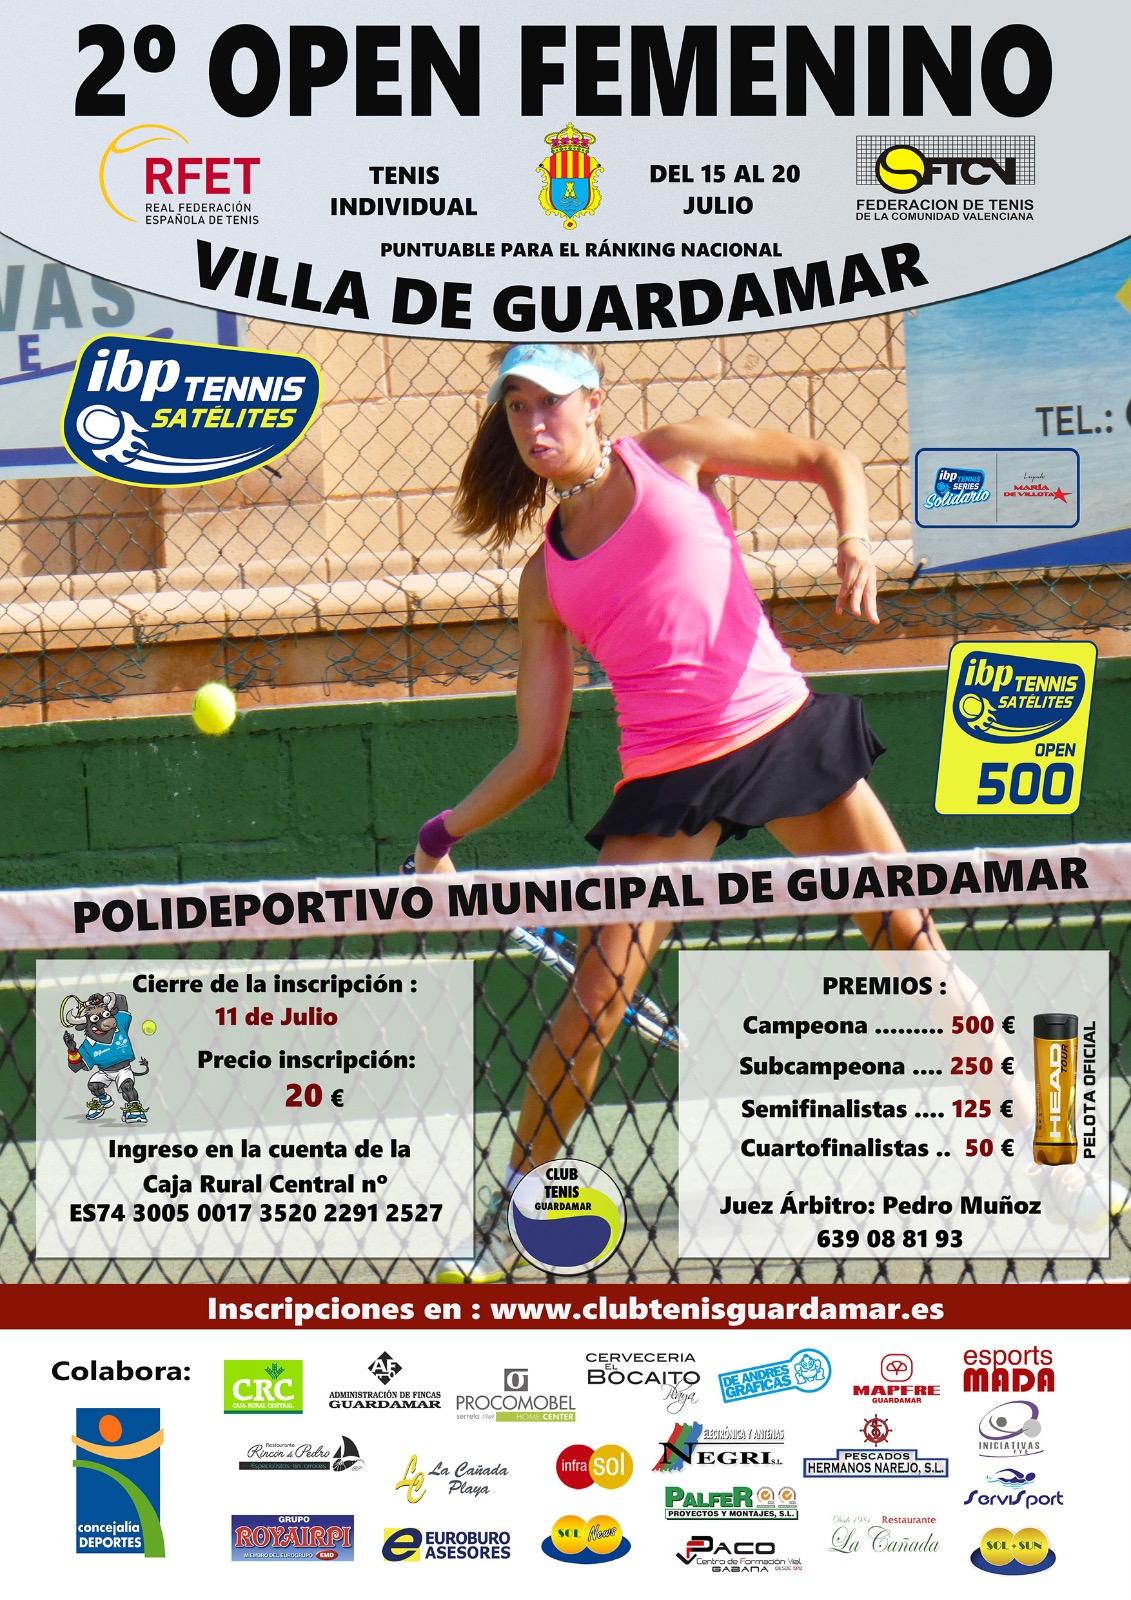 2 Open Villa de Guardamar Categoría Femenina